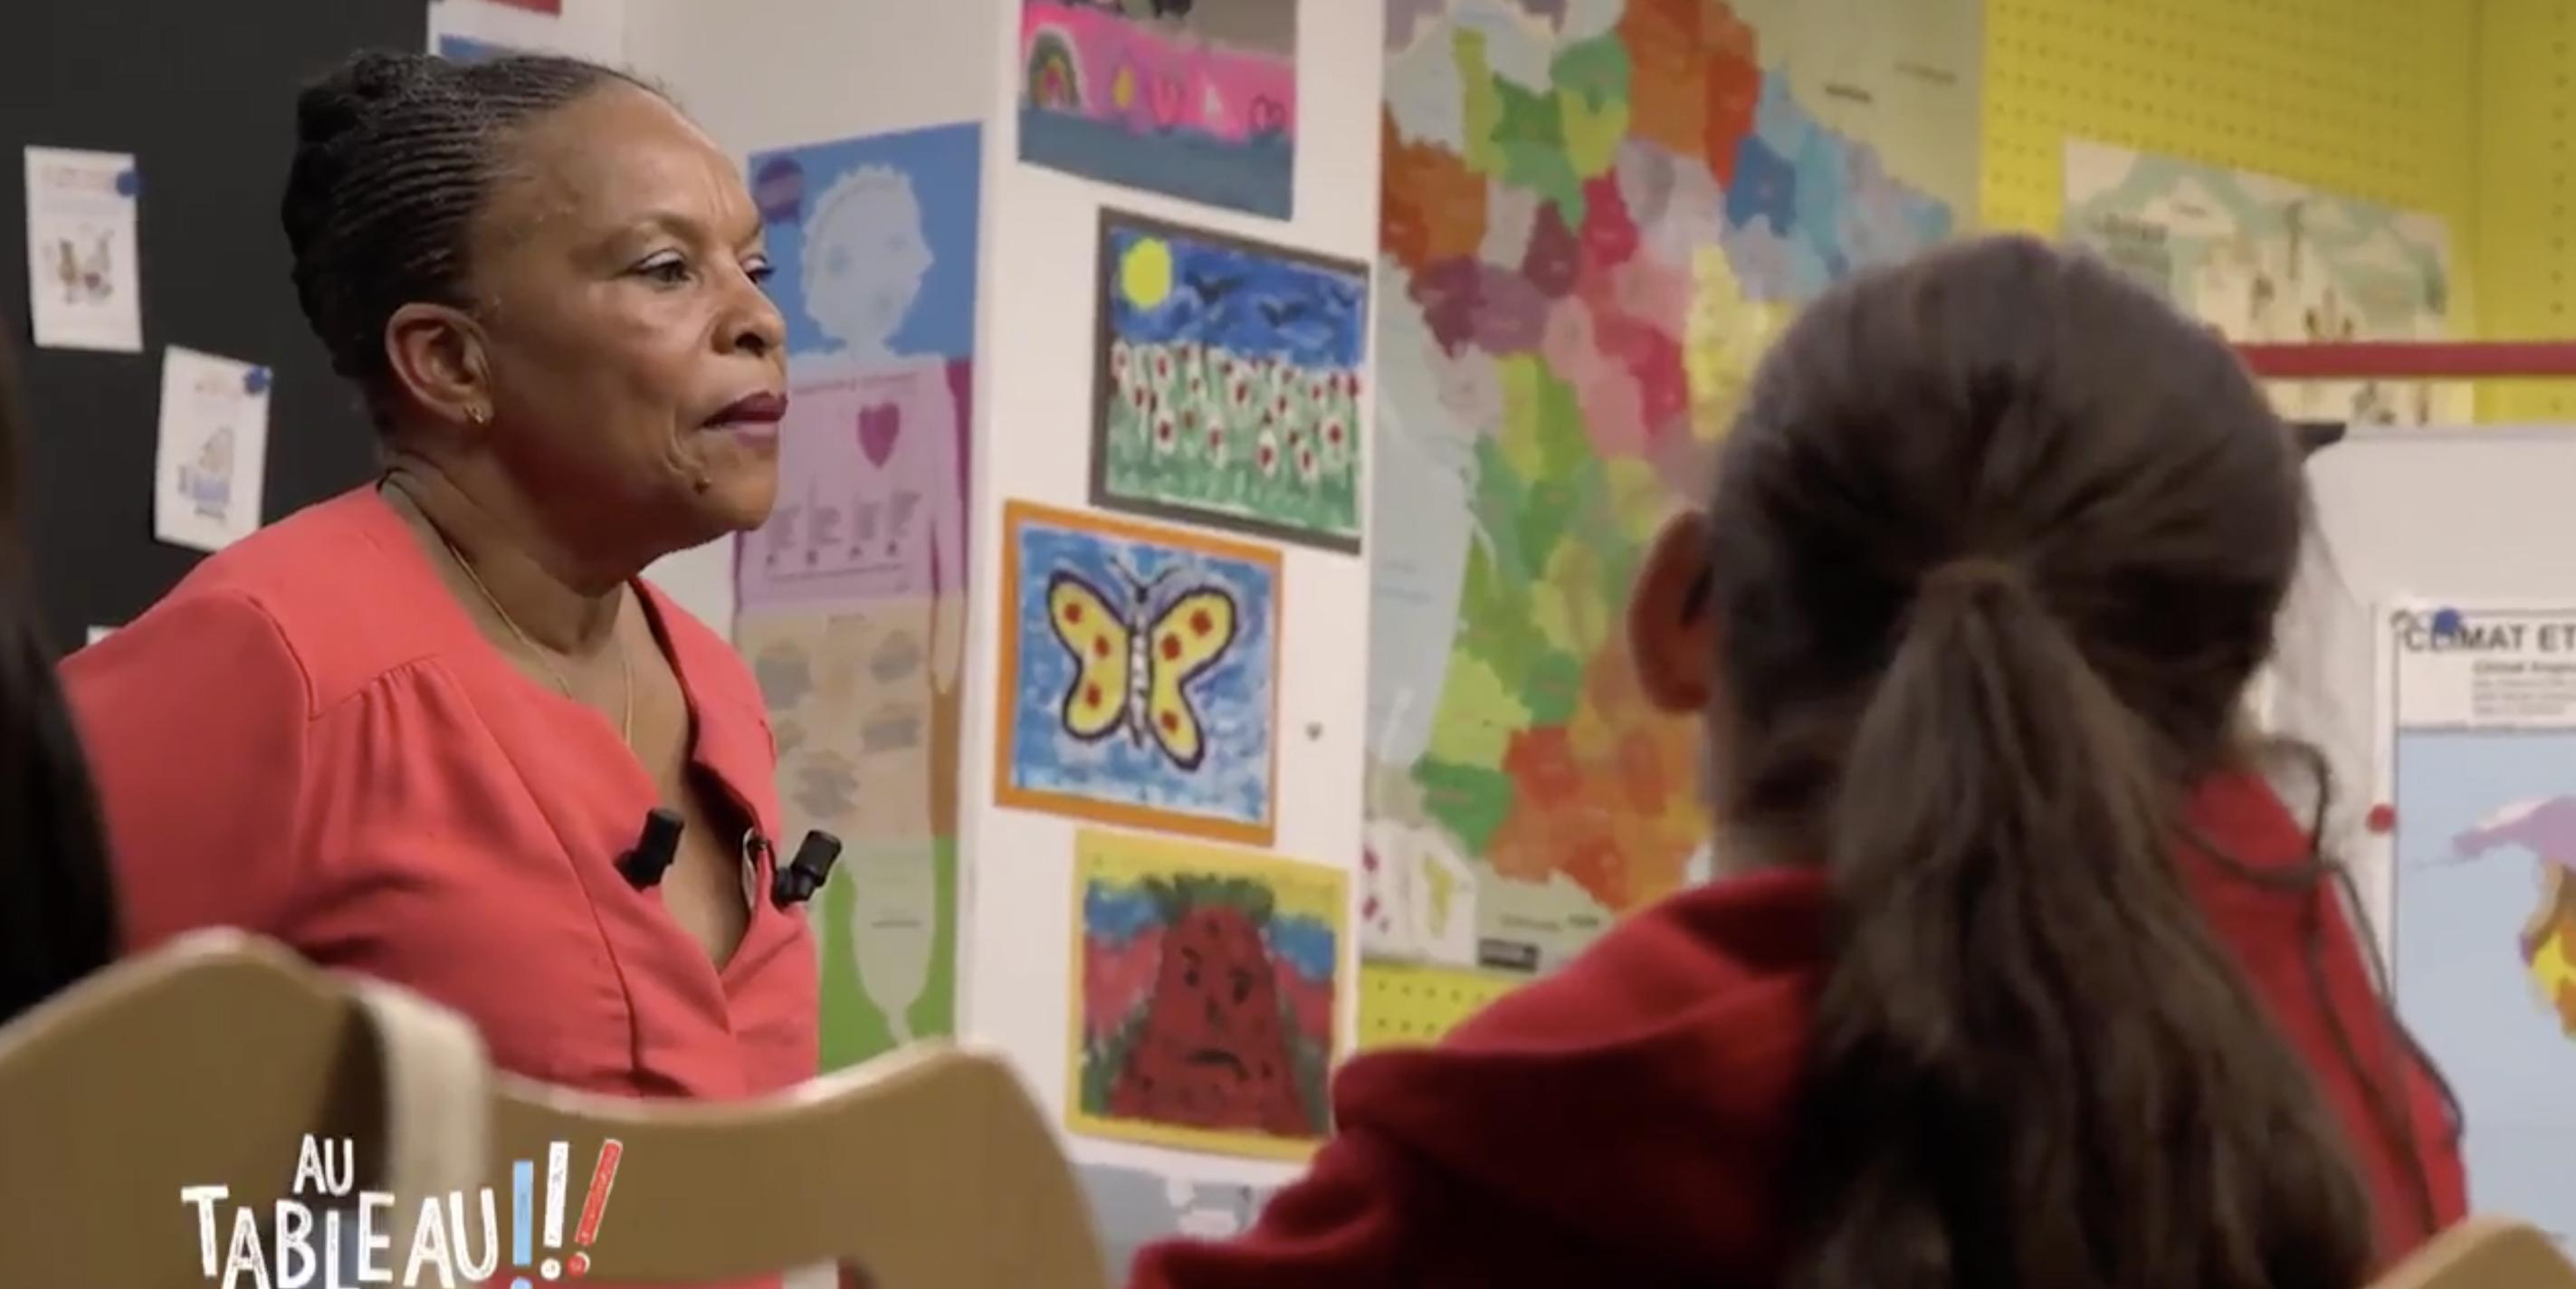 Au tableau: Quand Christiane Taubira explique l'homoparentalité aux enfants